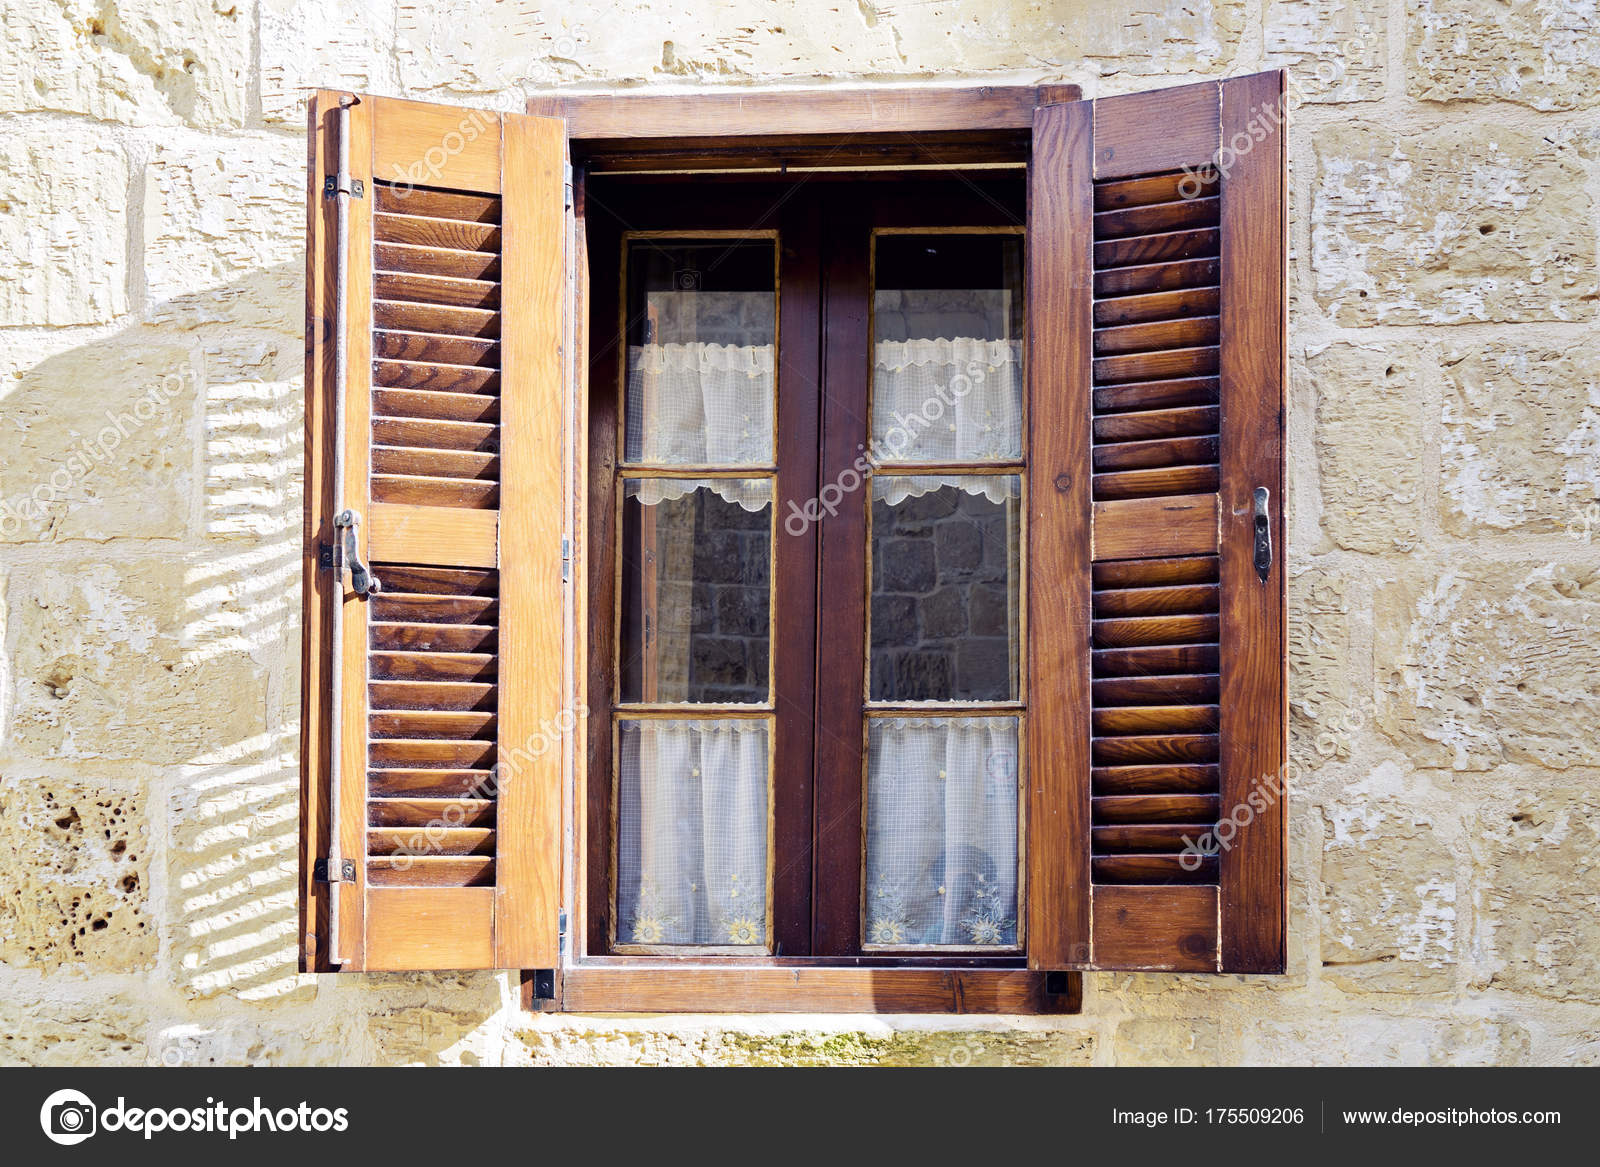 Tradizionale finestra con persiane in legno foto stock for Disegno finestra con persiane